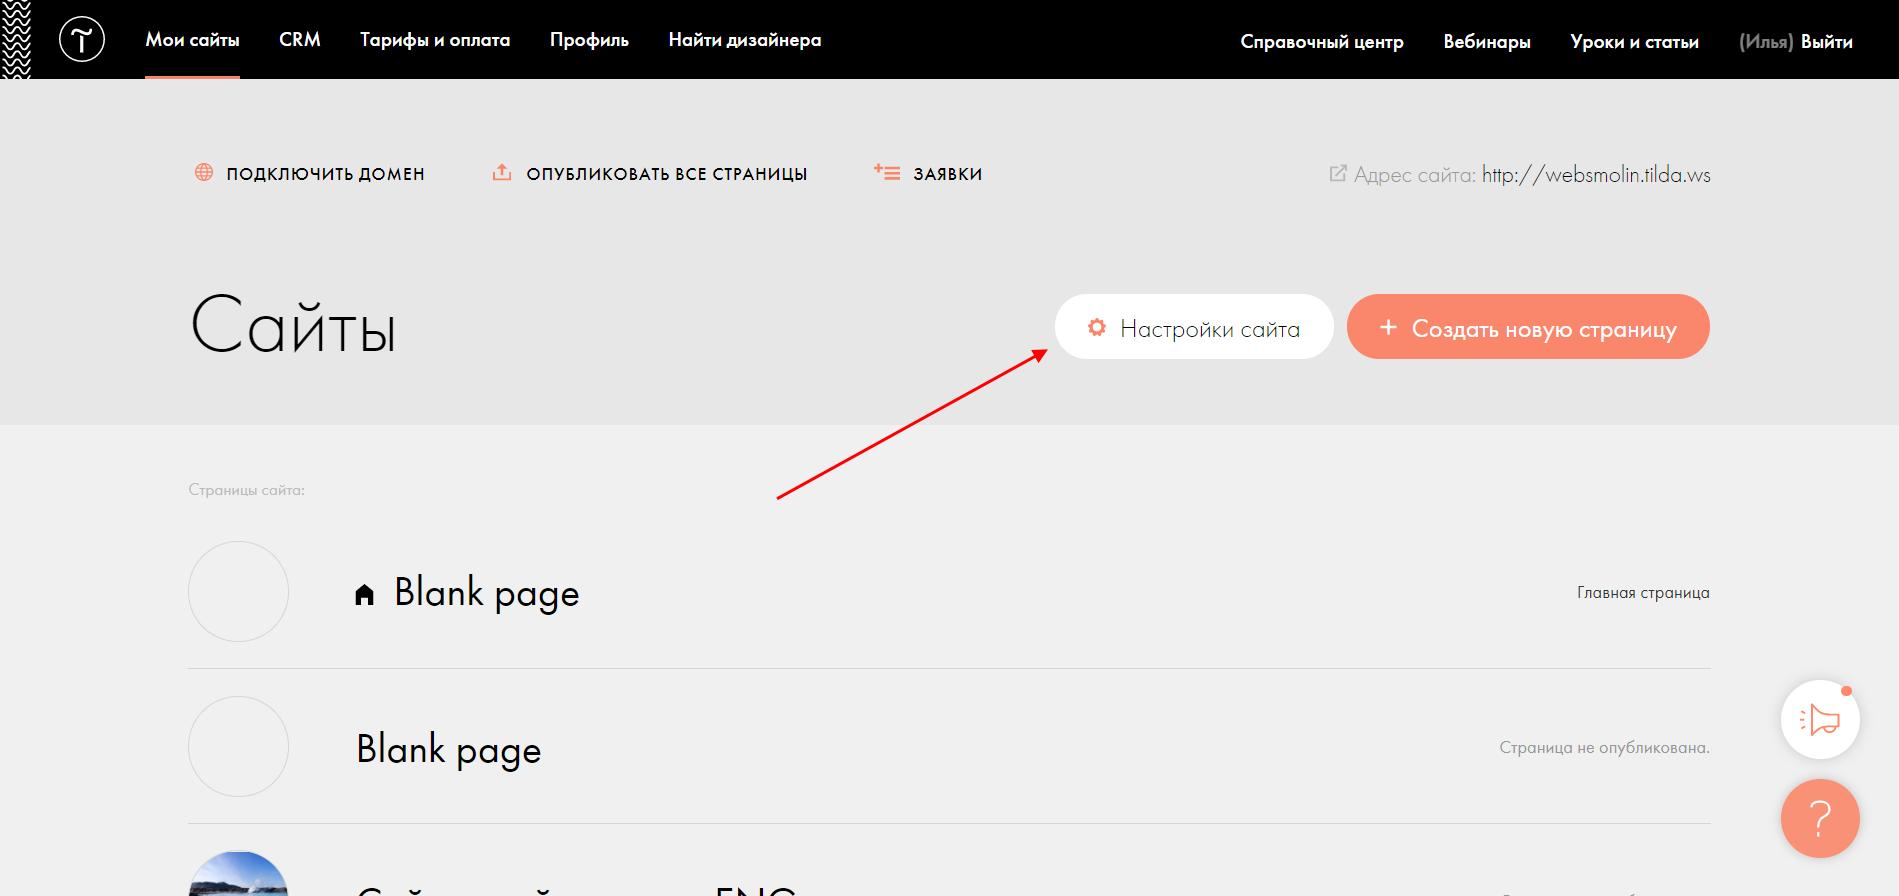 Как правильно подключить домен к Tilda